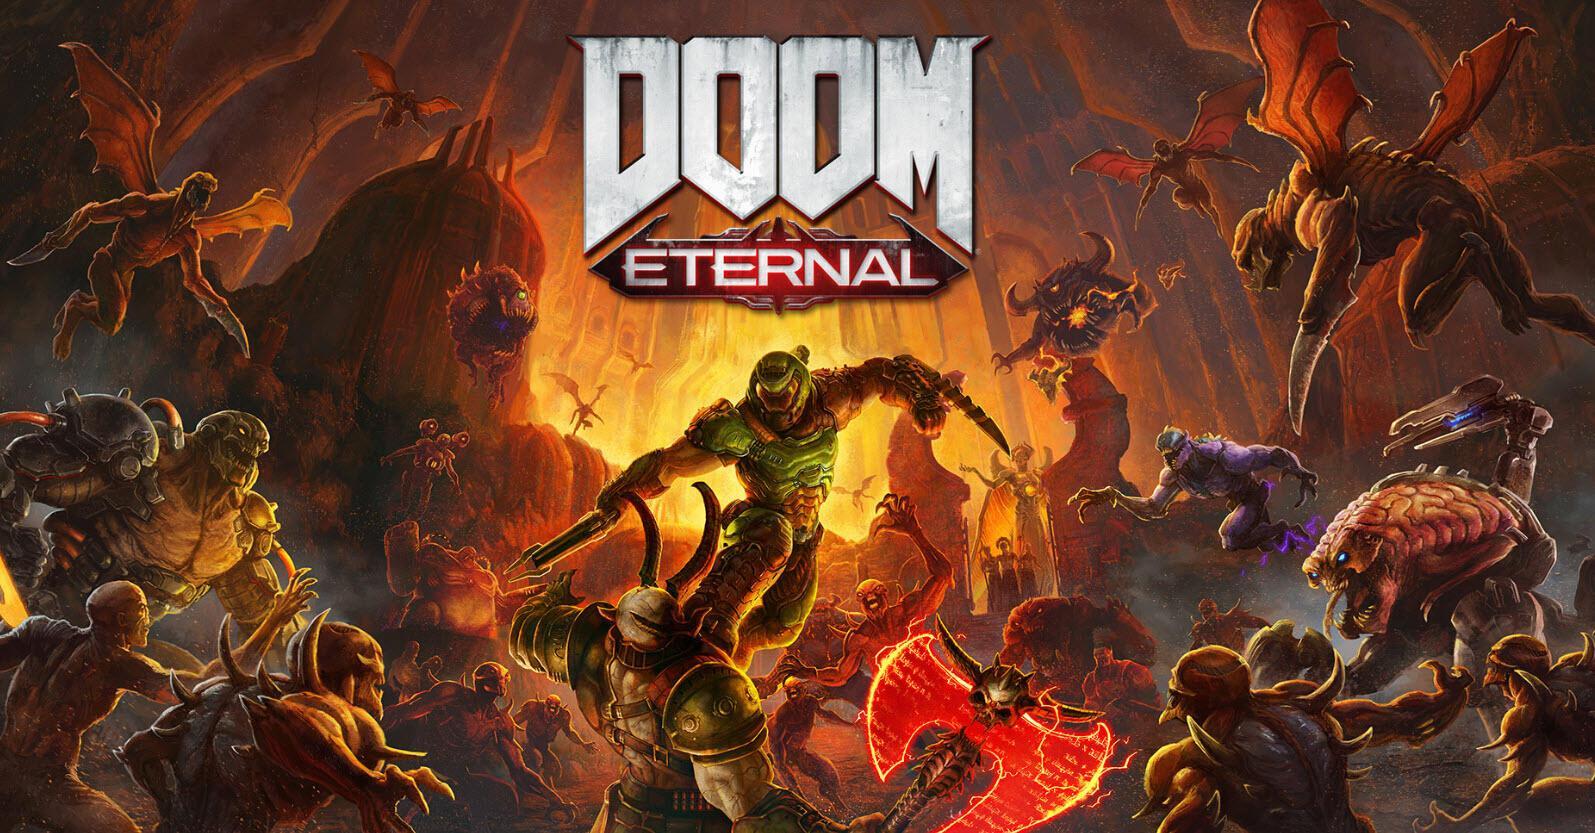 Beklenen oyun Doom Eternal, 20 Mart tarihinde yayınlanıyor 1